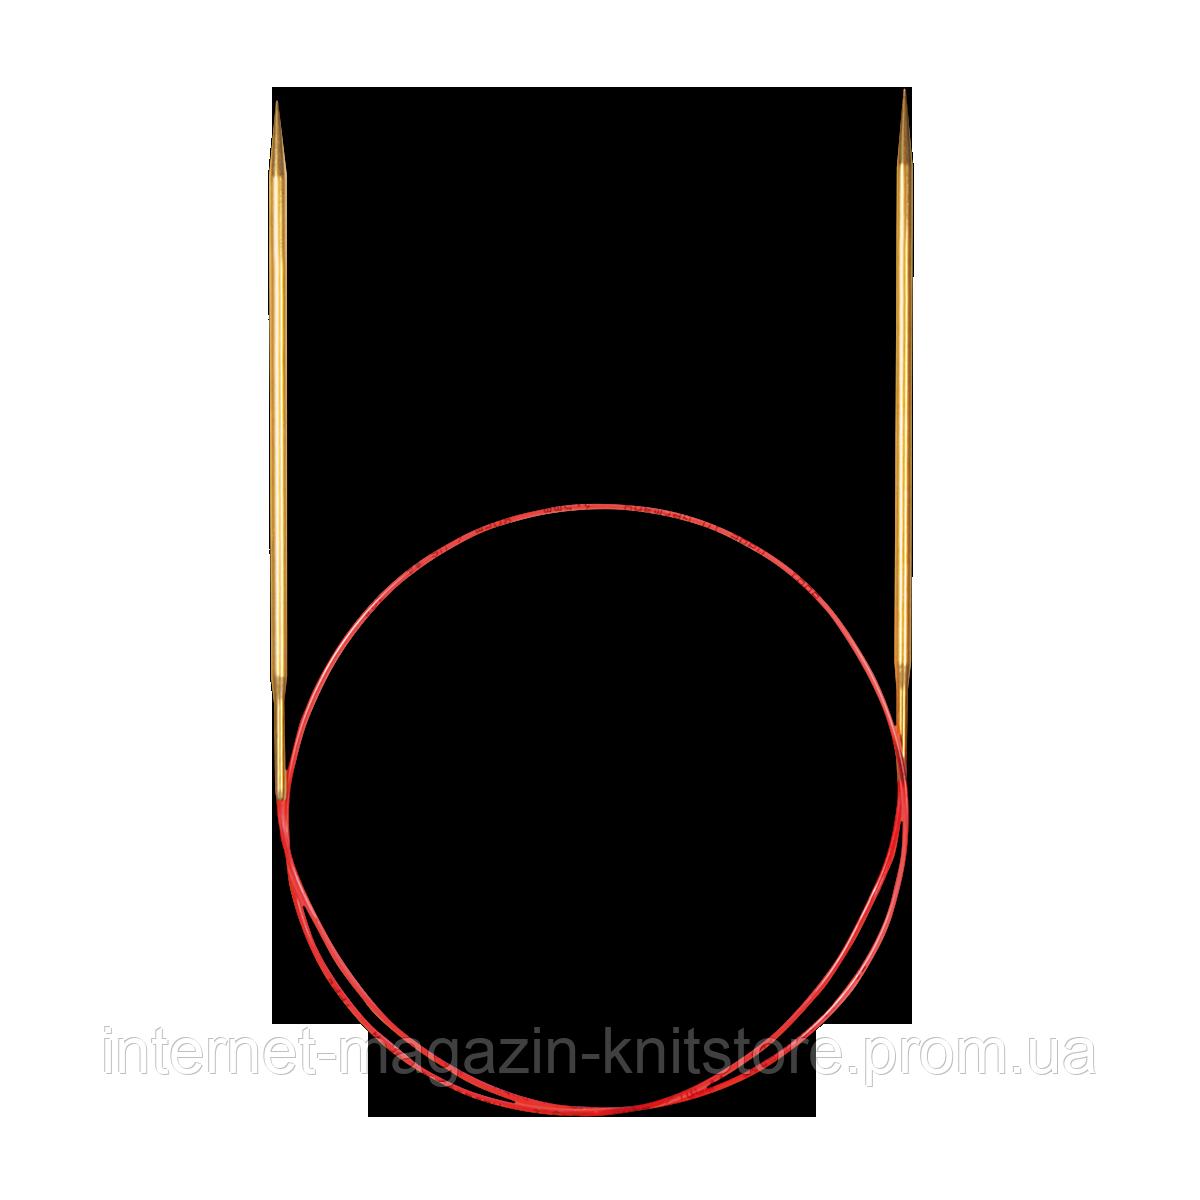 Спицы ADDI | круговые | c удлиненным кончиком | 50 см | 4.5 мм